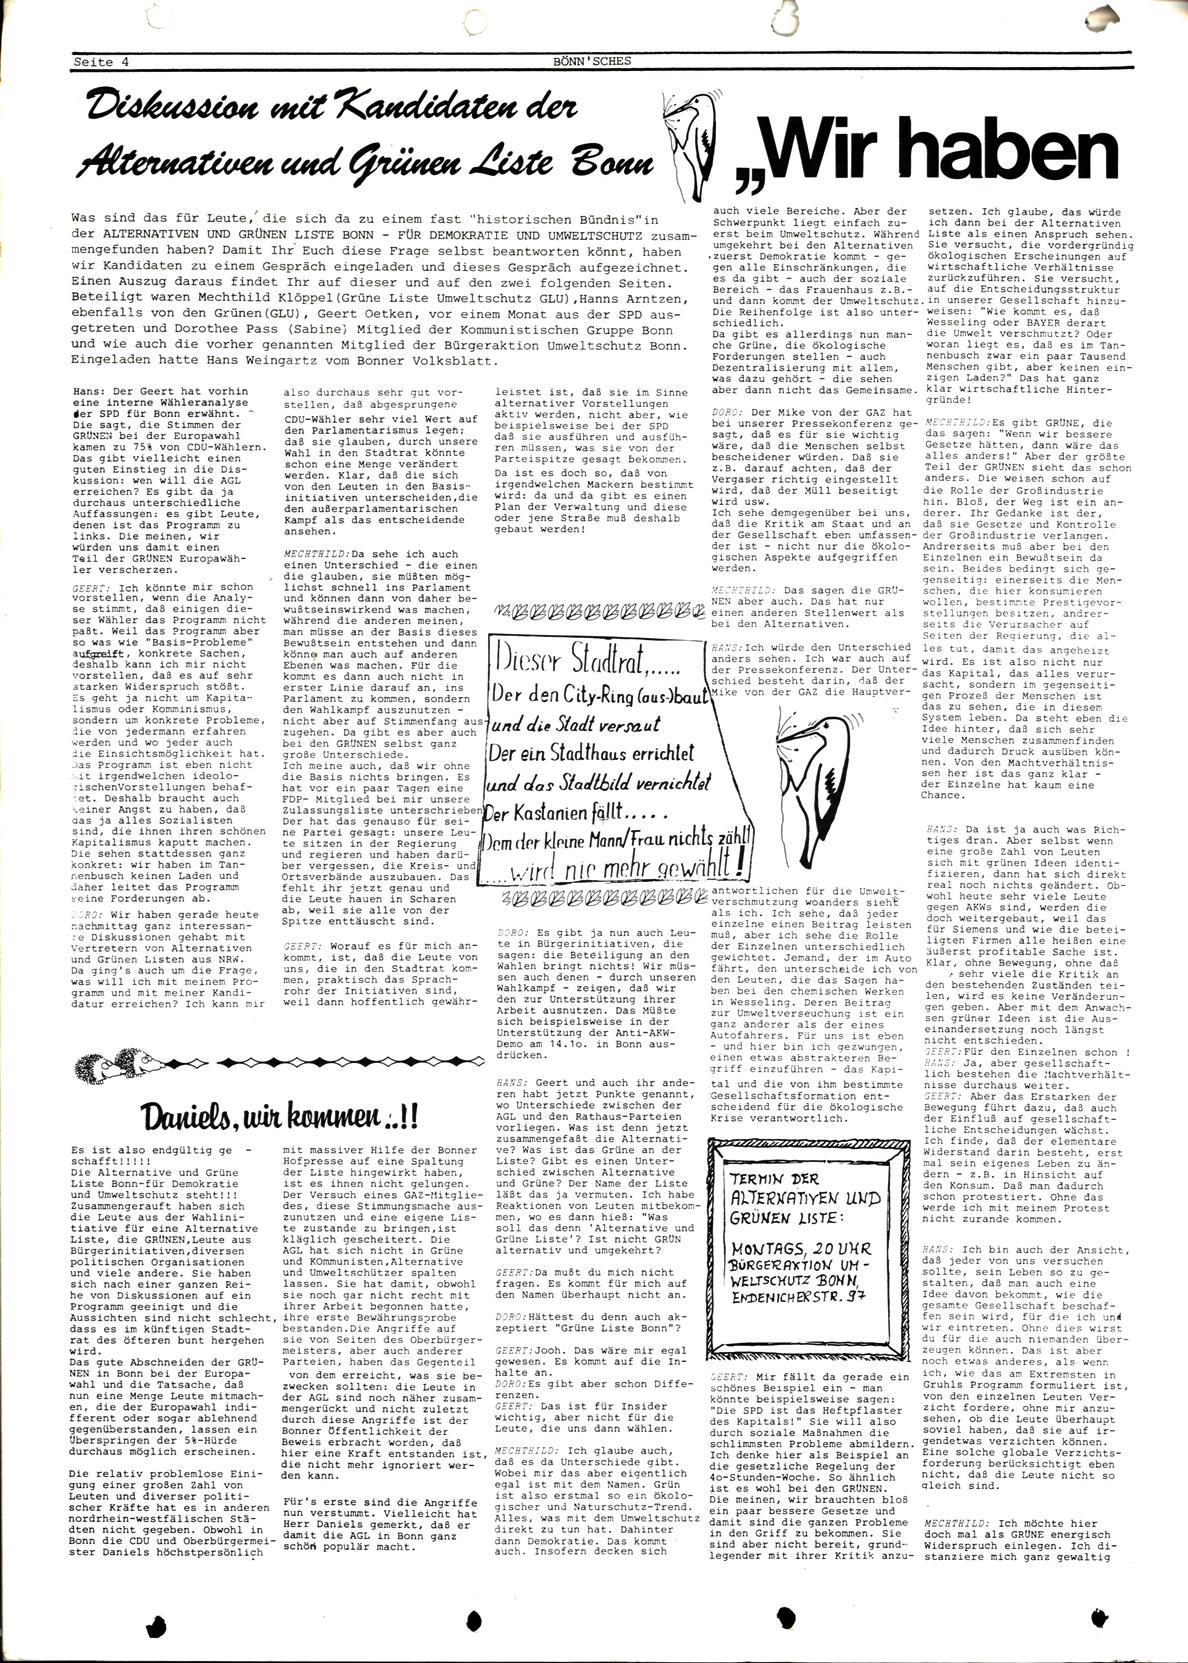 Bonner_Volksblatt_27_19790828_04